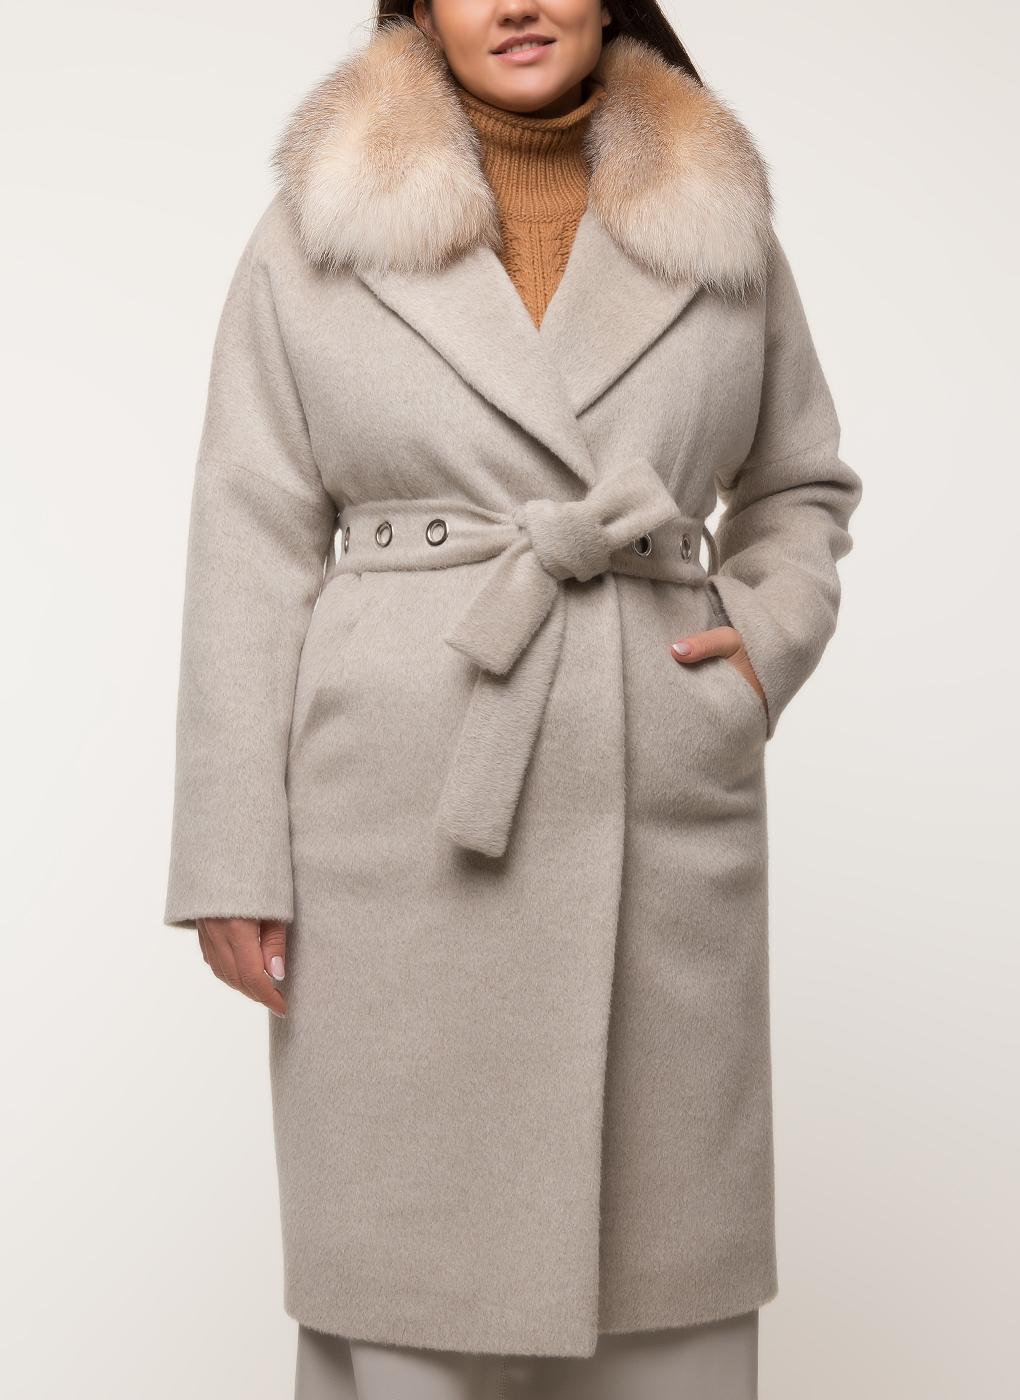 Пальто шерстяное 92, Bella collection фото